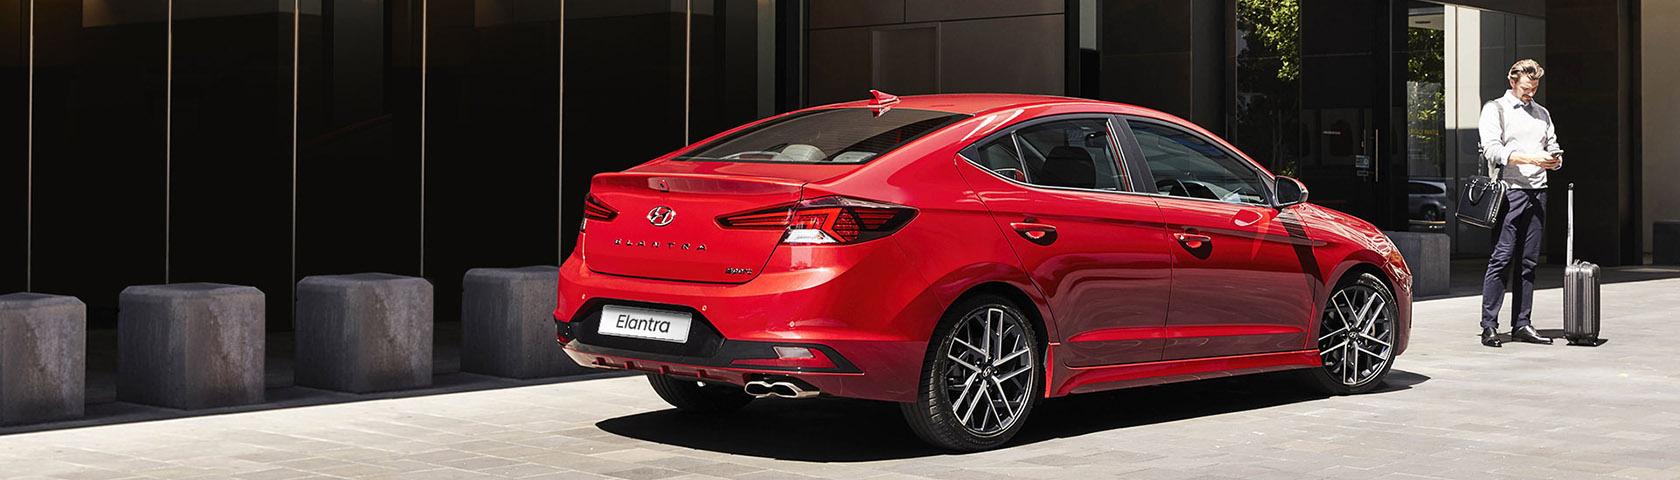 Hyundai-PB-Elantra-02